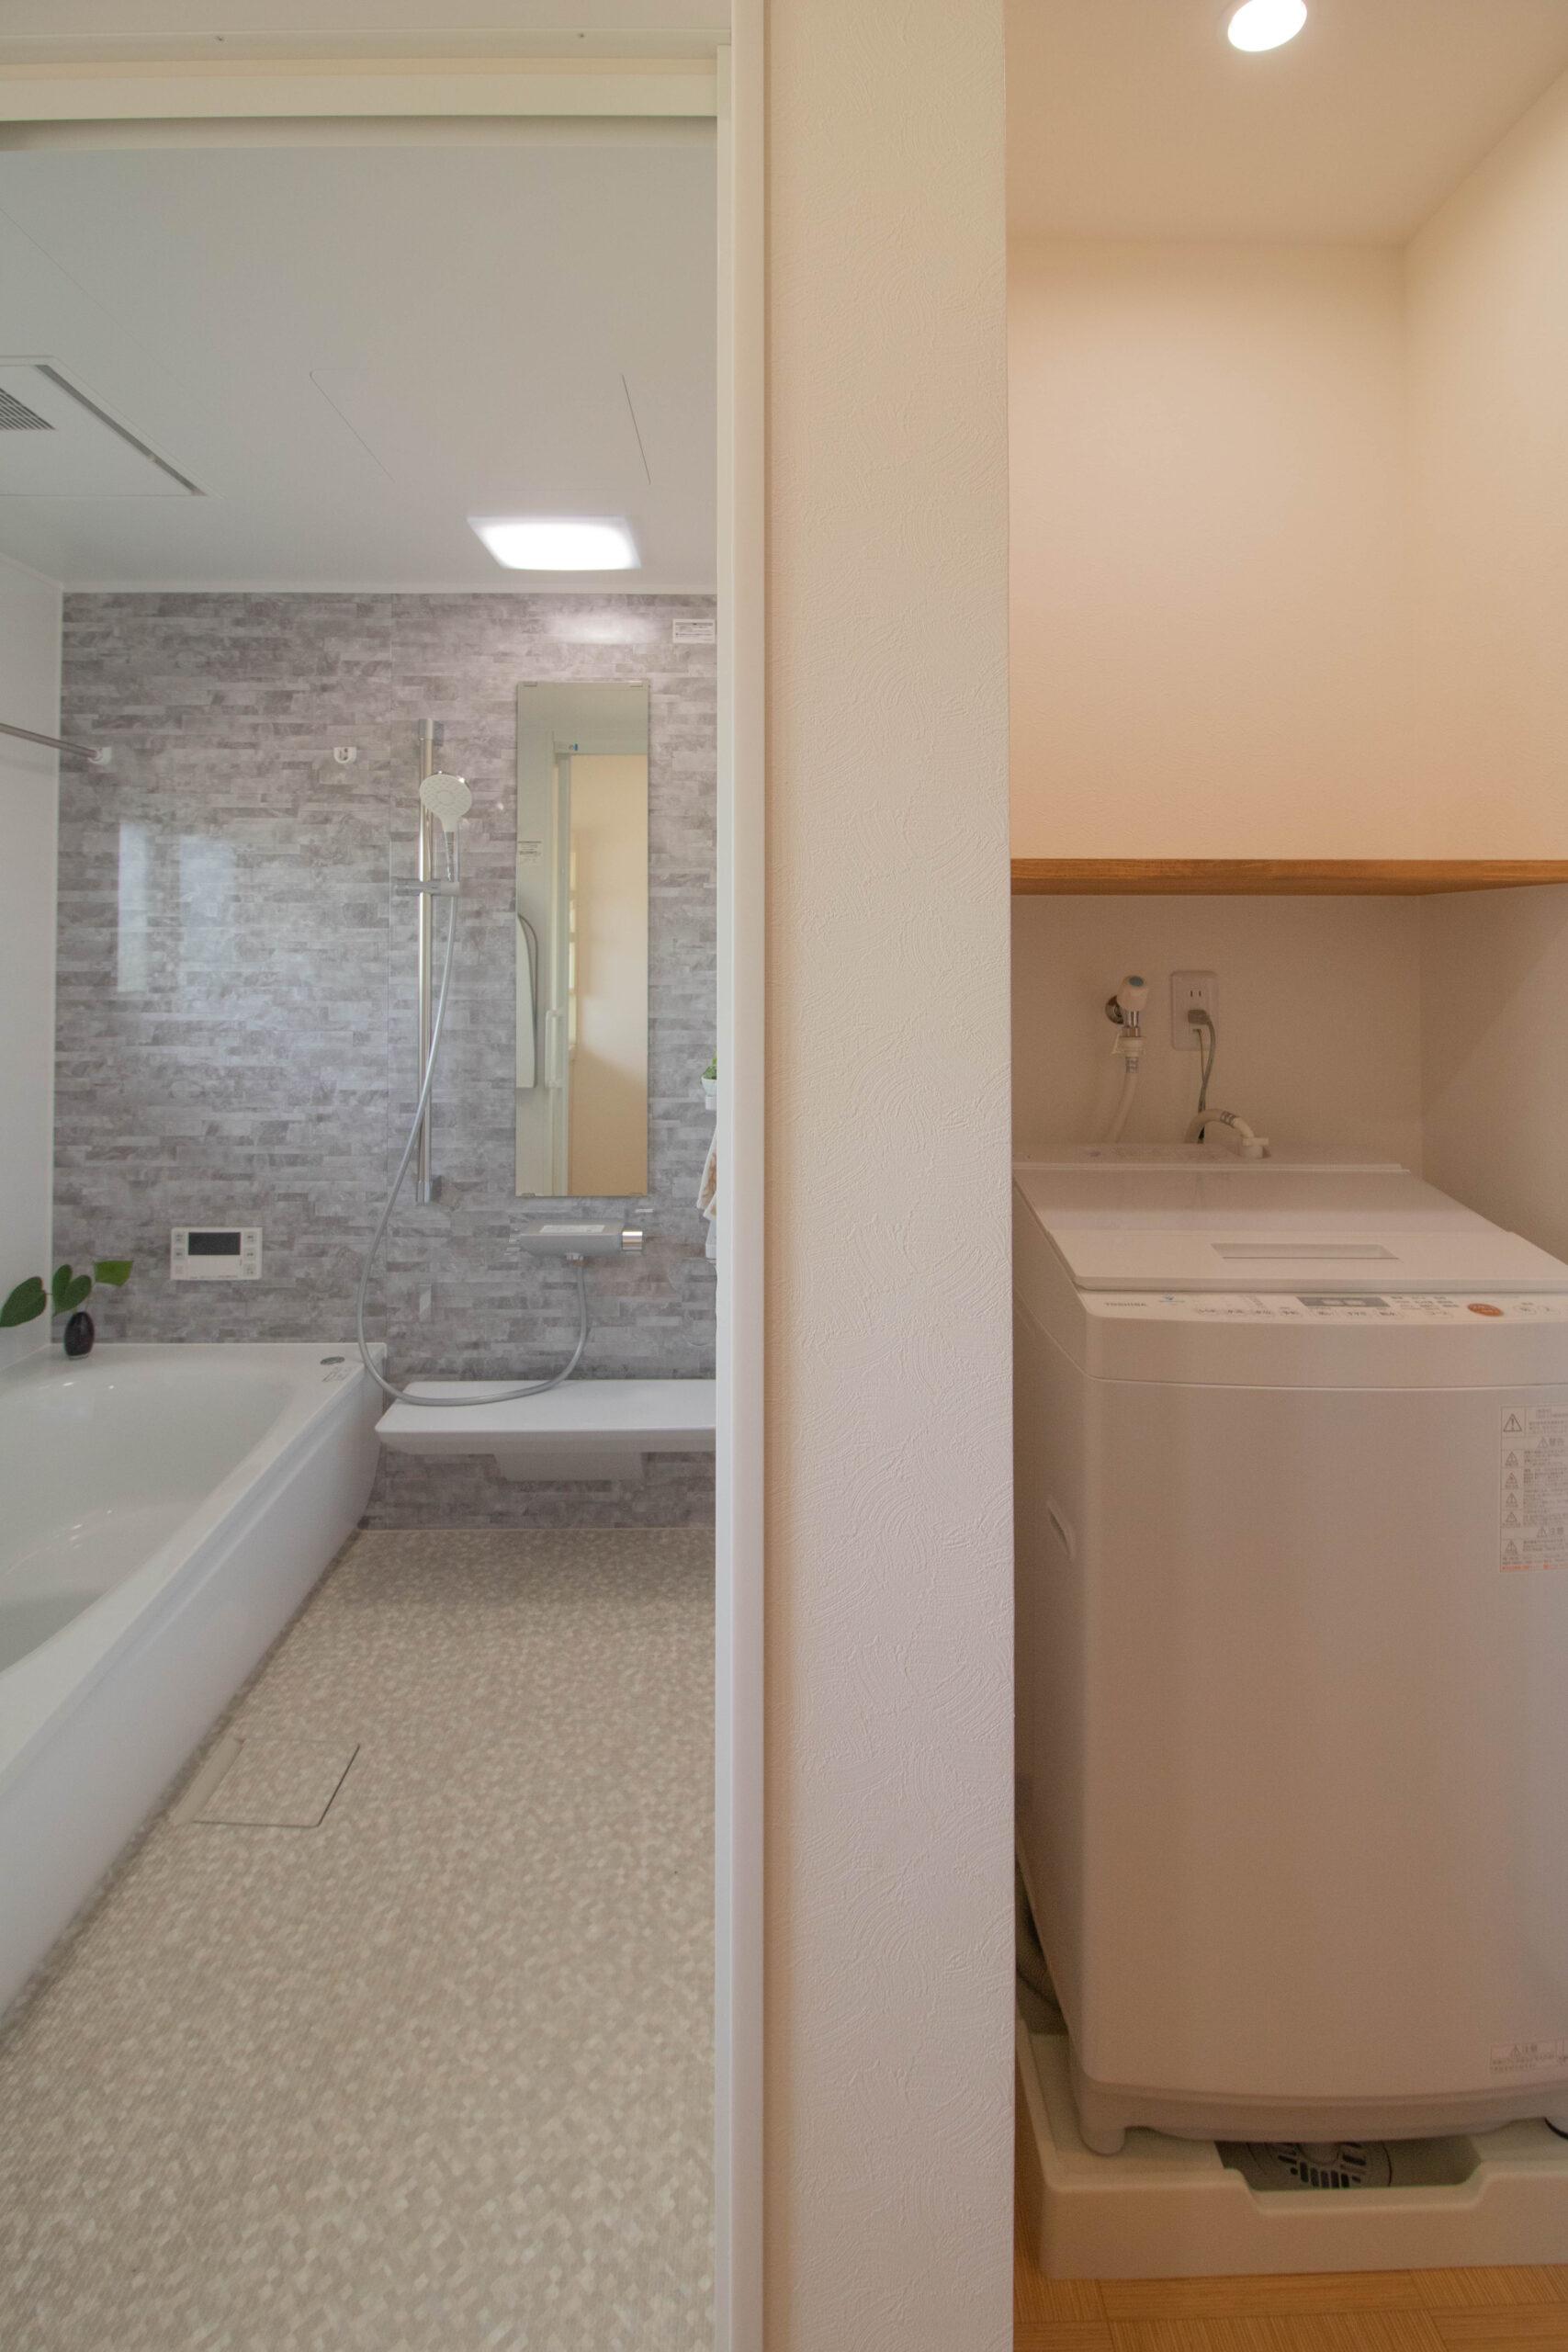 佐賀市巨勢町 S様 浴室・脱衣所改修工事『温泉気分を楽しめるほっこり空間』